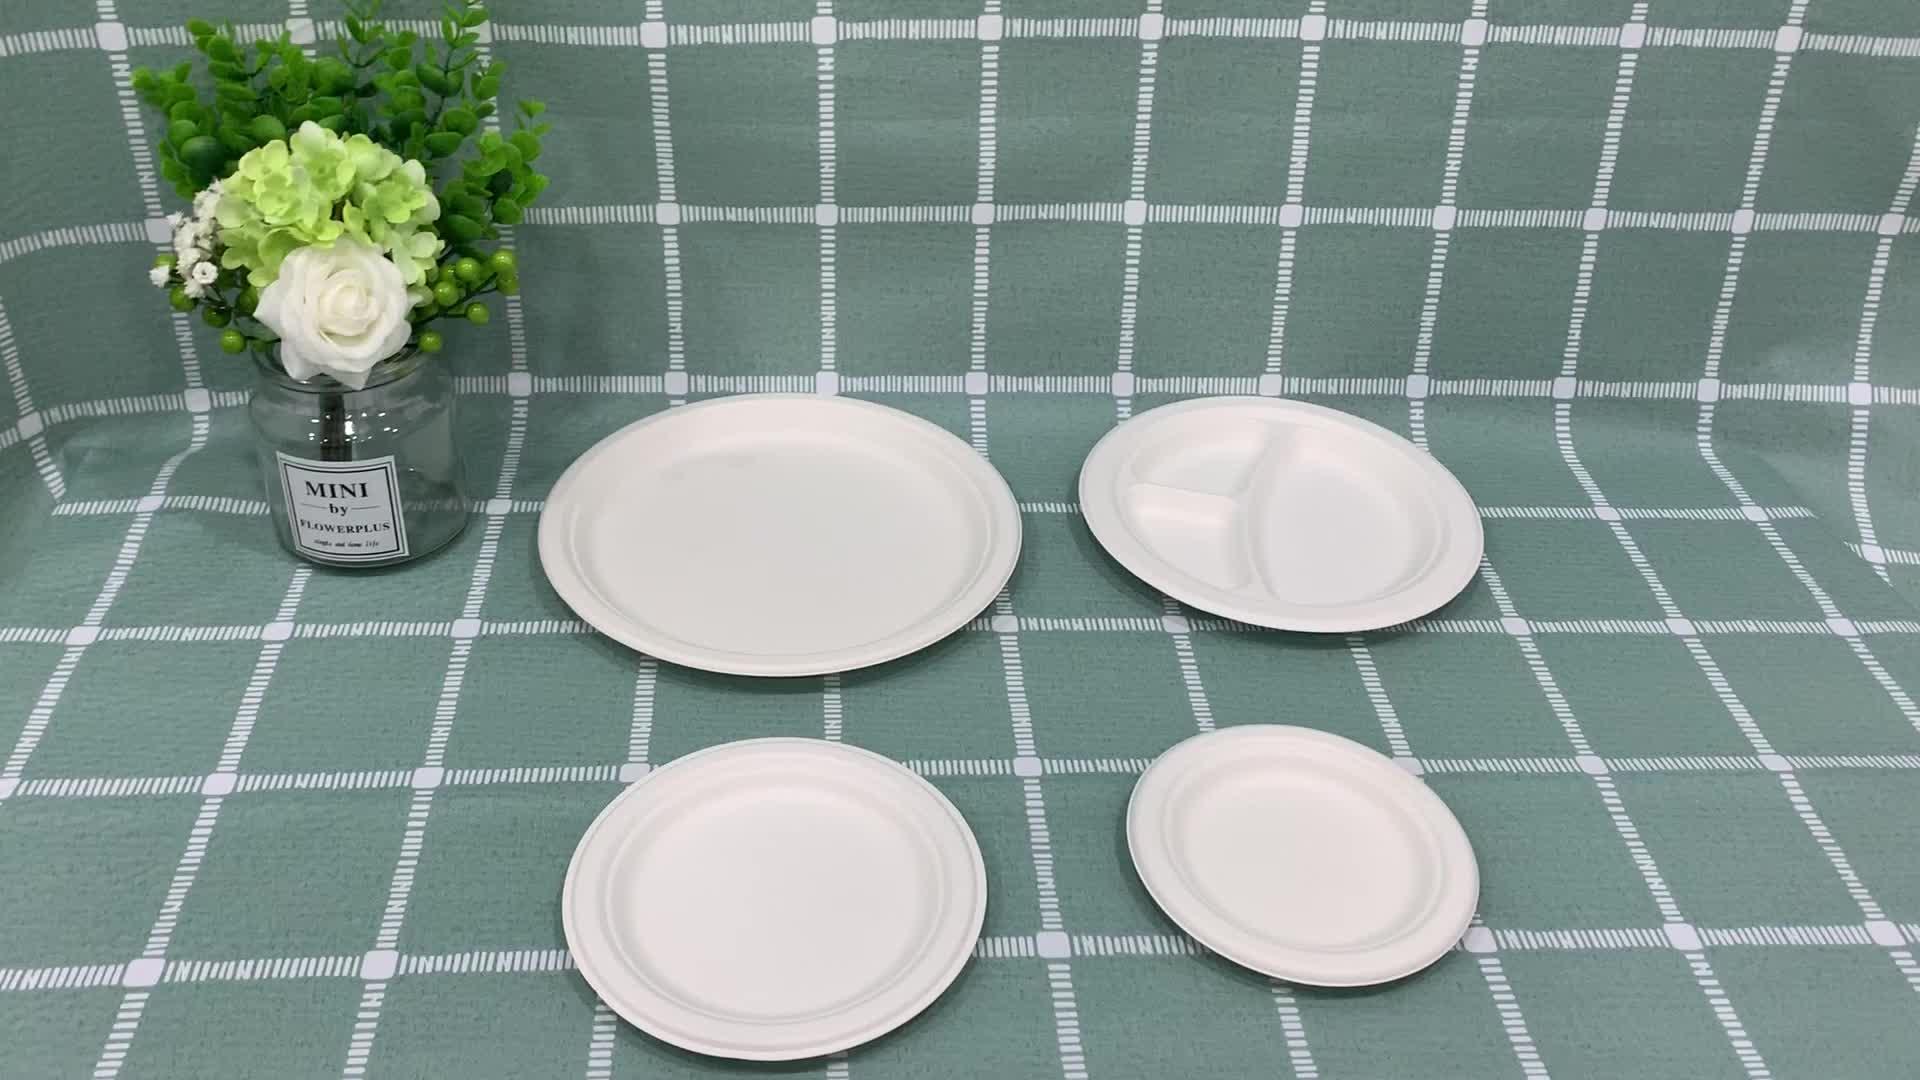 การออกแบบที่กำหนดเองย่อยสลายได้ทิ้งรอบ/รูปไข่กระดาษแผ่นและถาดย่อยสลายได้บนโต๊ะอาหาร